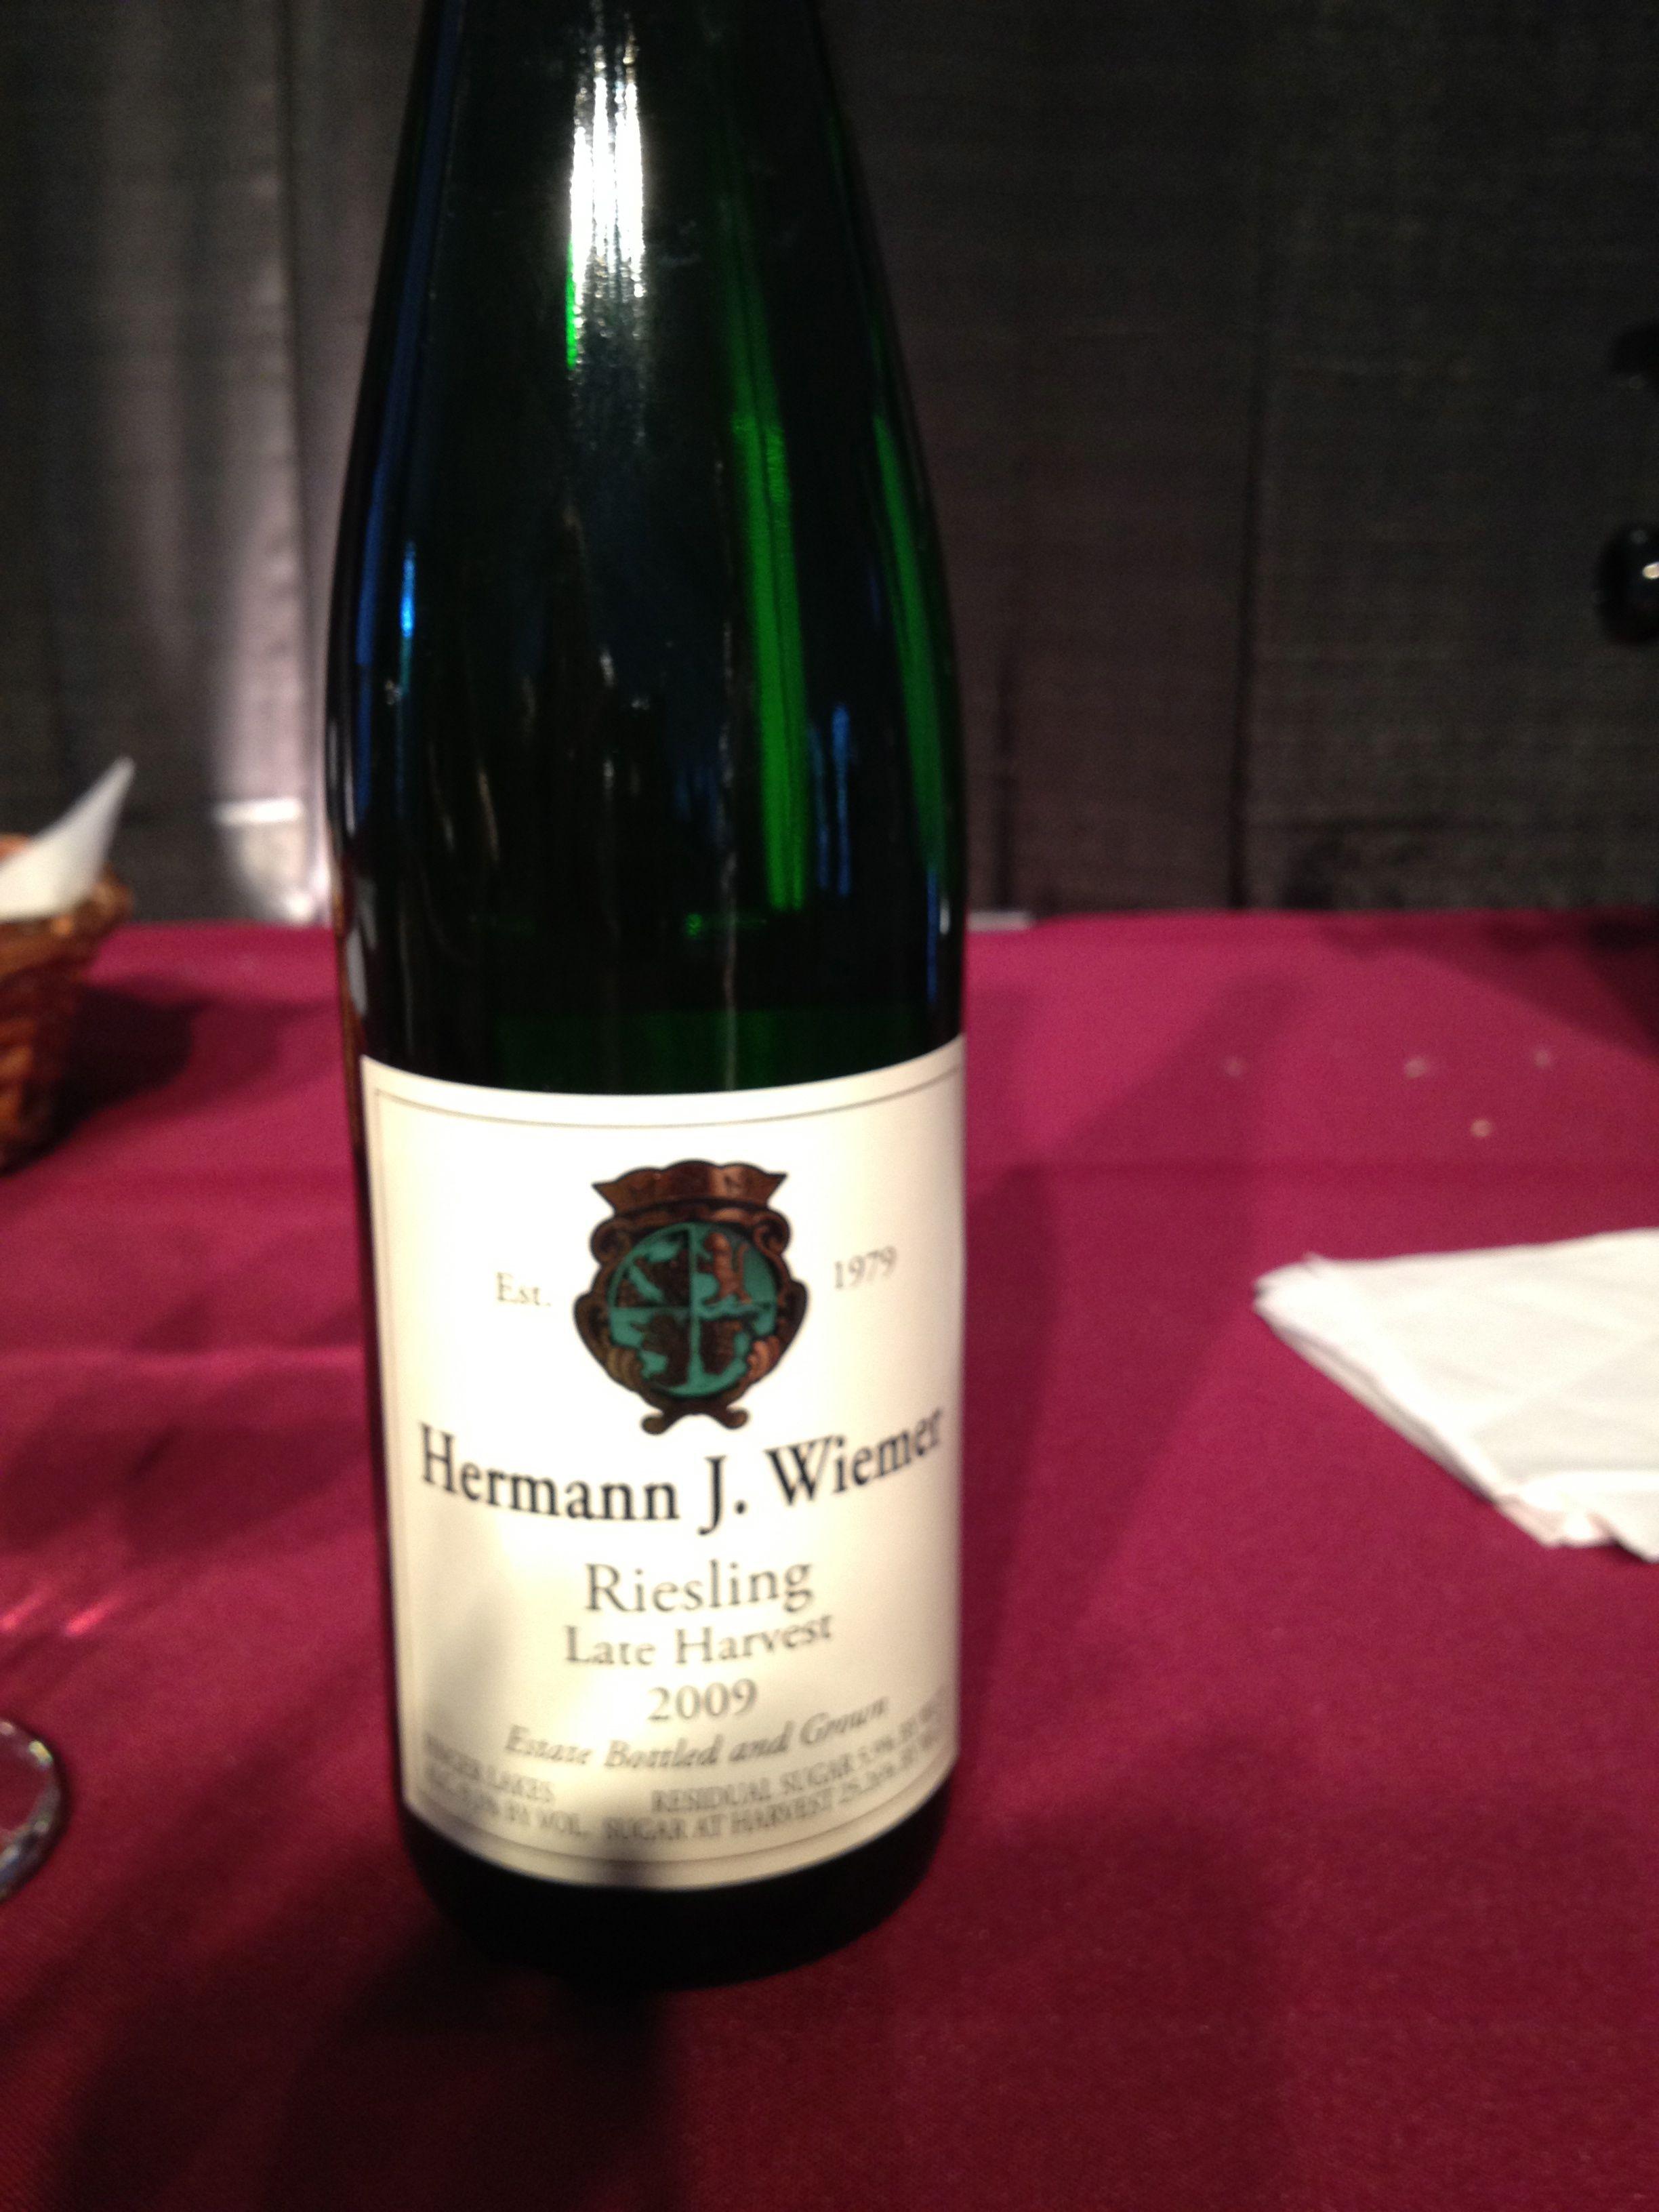 Riesling Herman J Wiemer Food Wine Aspen Wine Bottle Wine Lables Wine Recipes